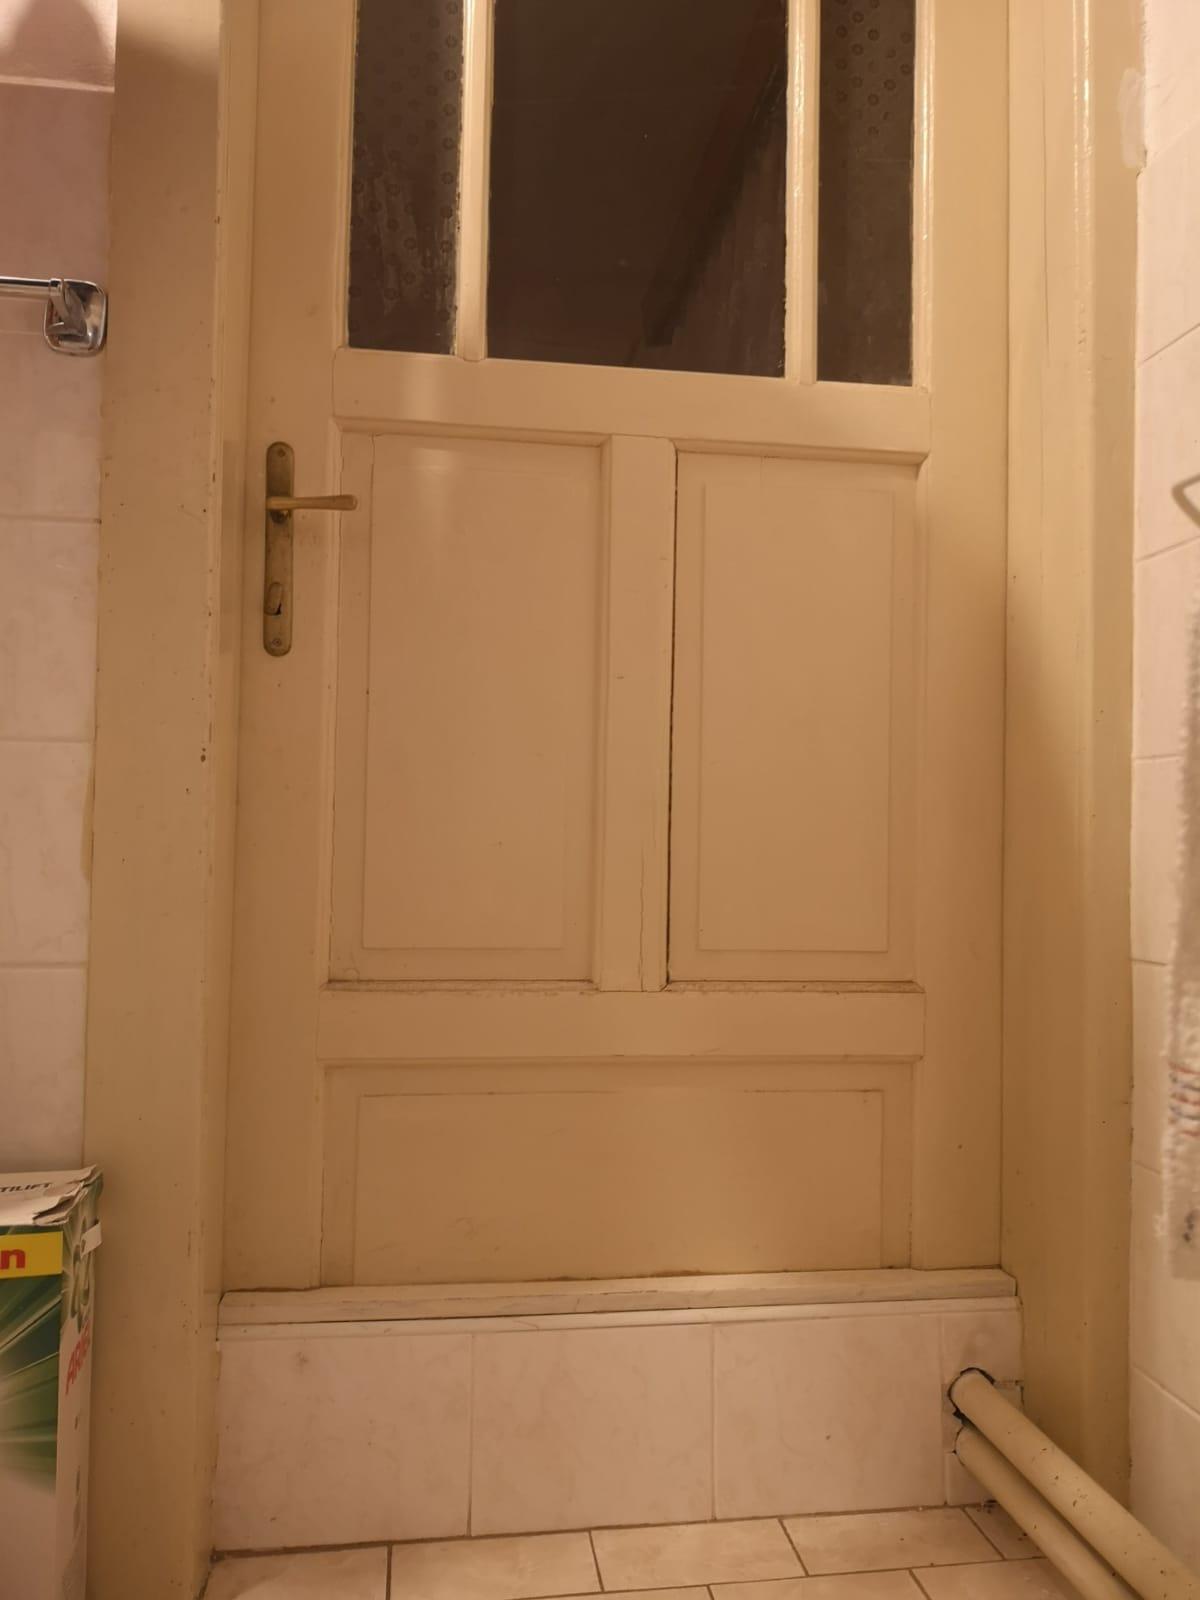 Původní, tedy stávající stav - Achjo...takové krásné dveře..uřezány kvůli trubkám..., ráda bych je nechala ale vůbec nevím, jestli to jde.....nadstavit.